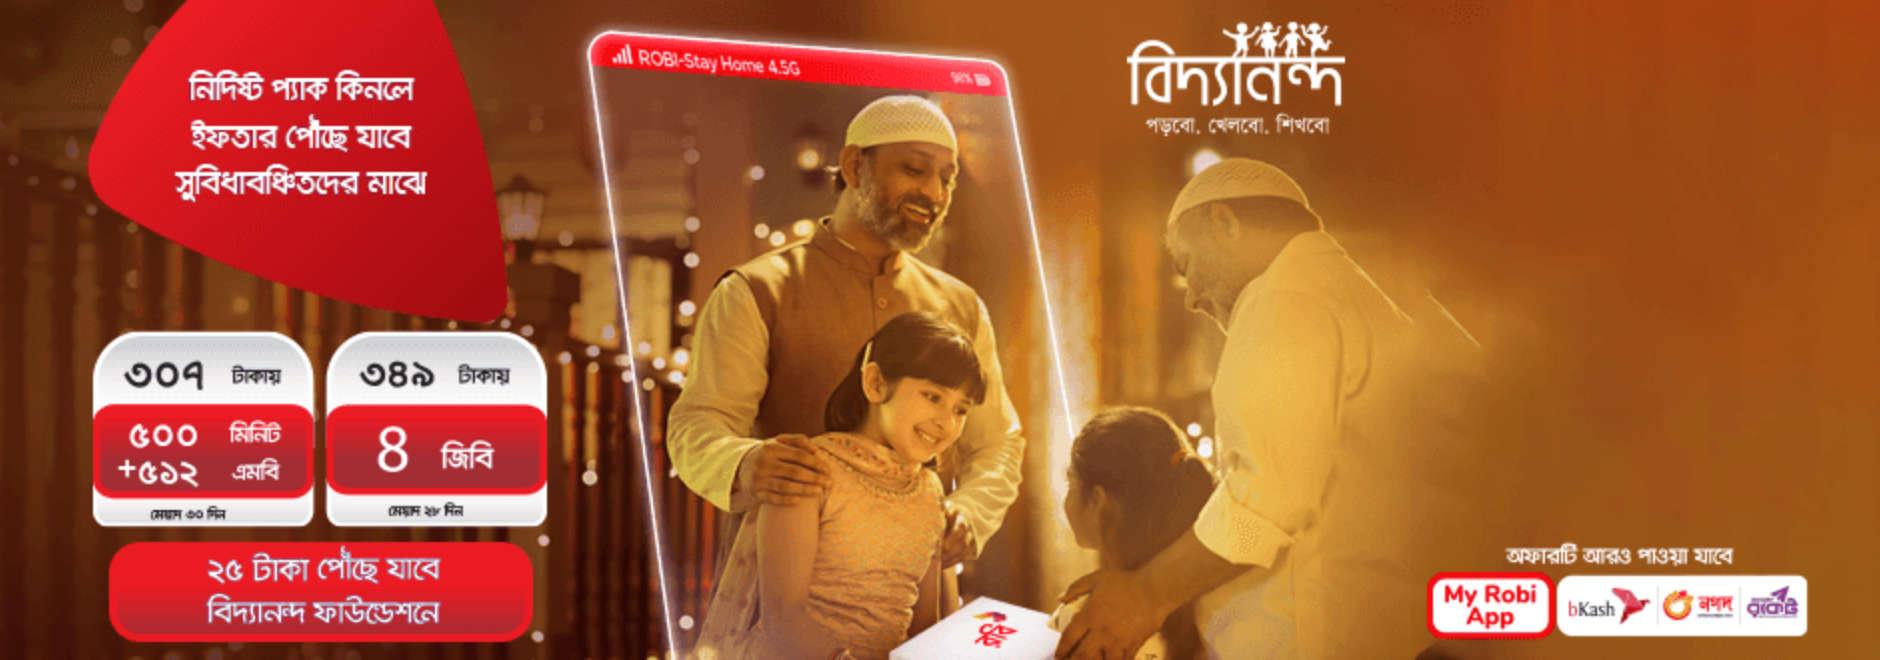 রবি রমজান ক্যাম্পেইন | Robi Ramadan Campaign: 2021